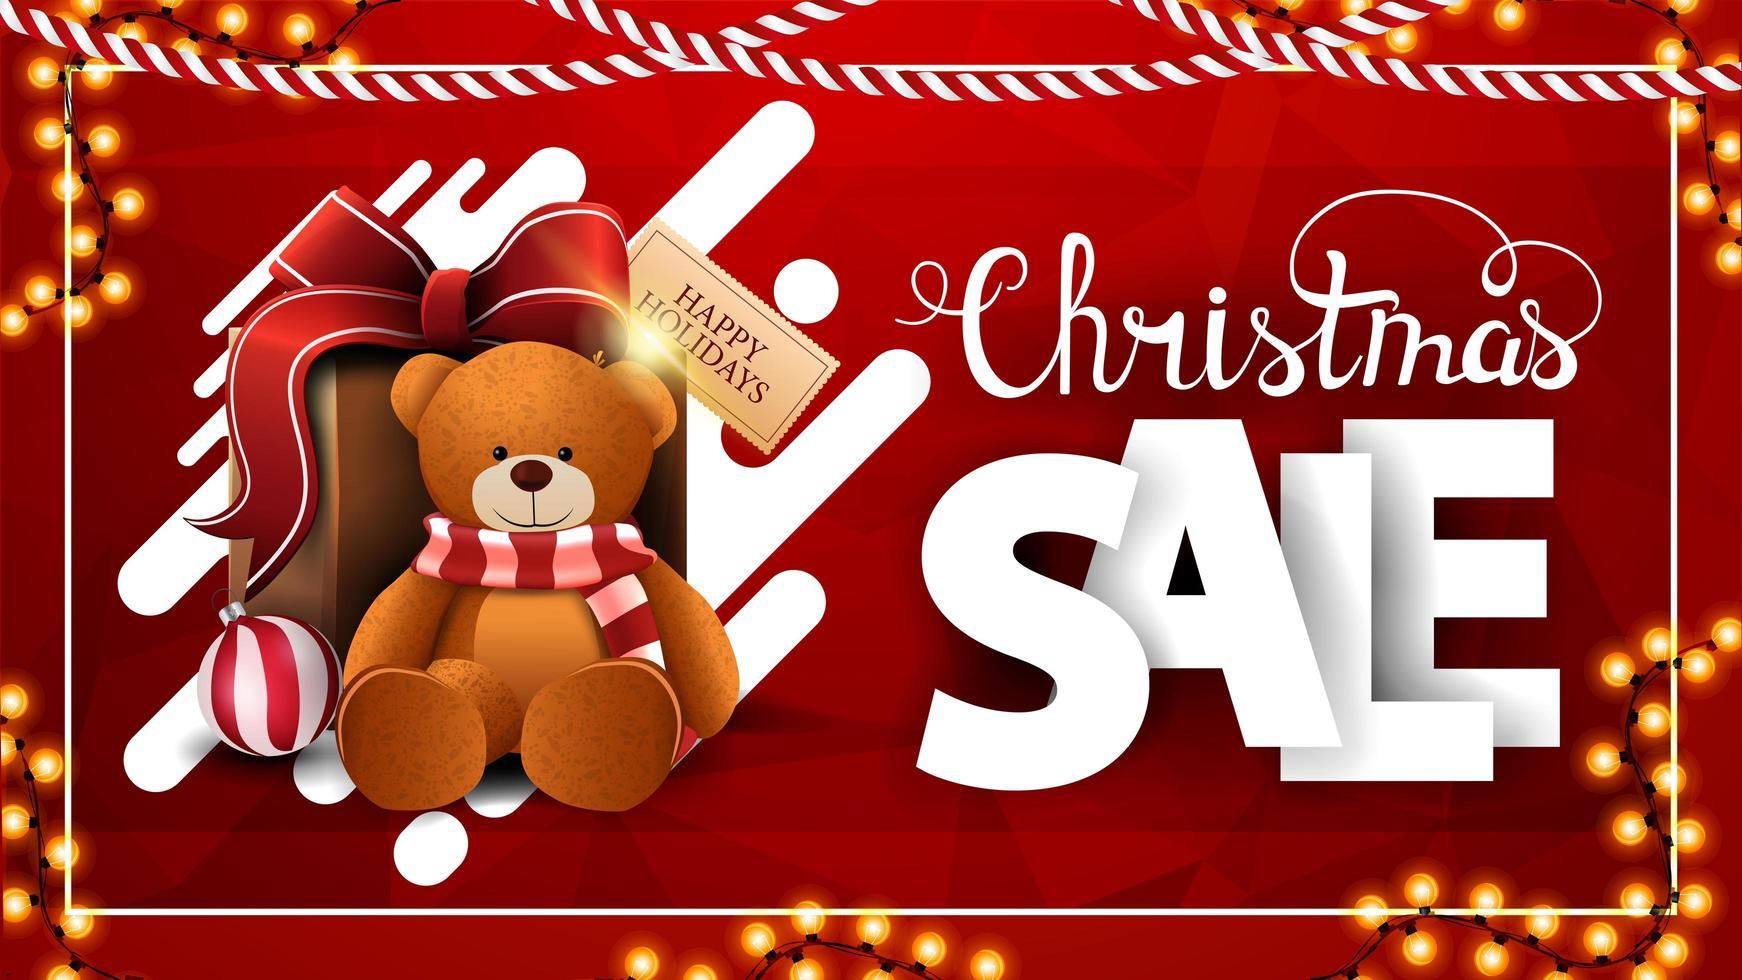 kerstuitverkoop, rode kortingsbanner met slingers, veelhoekige textuur, abstracte vloeibare vormen, grote witte volumetrische letters en cadeau met teddybeer vector